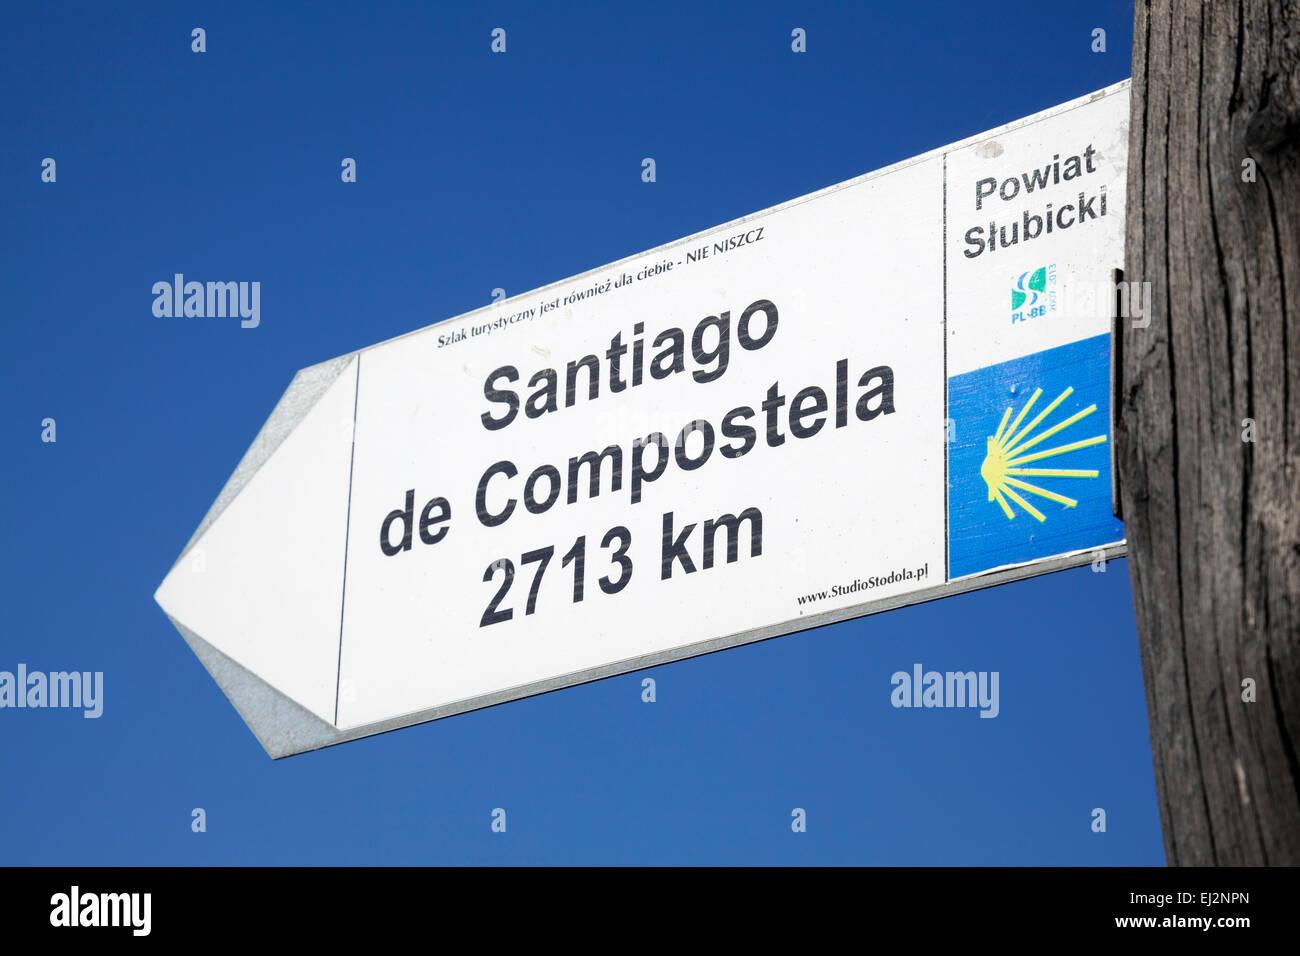 Signpost for Santiago de Compostela, Frankfurt Oder, Germany - Stock Image